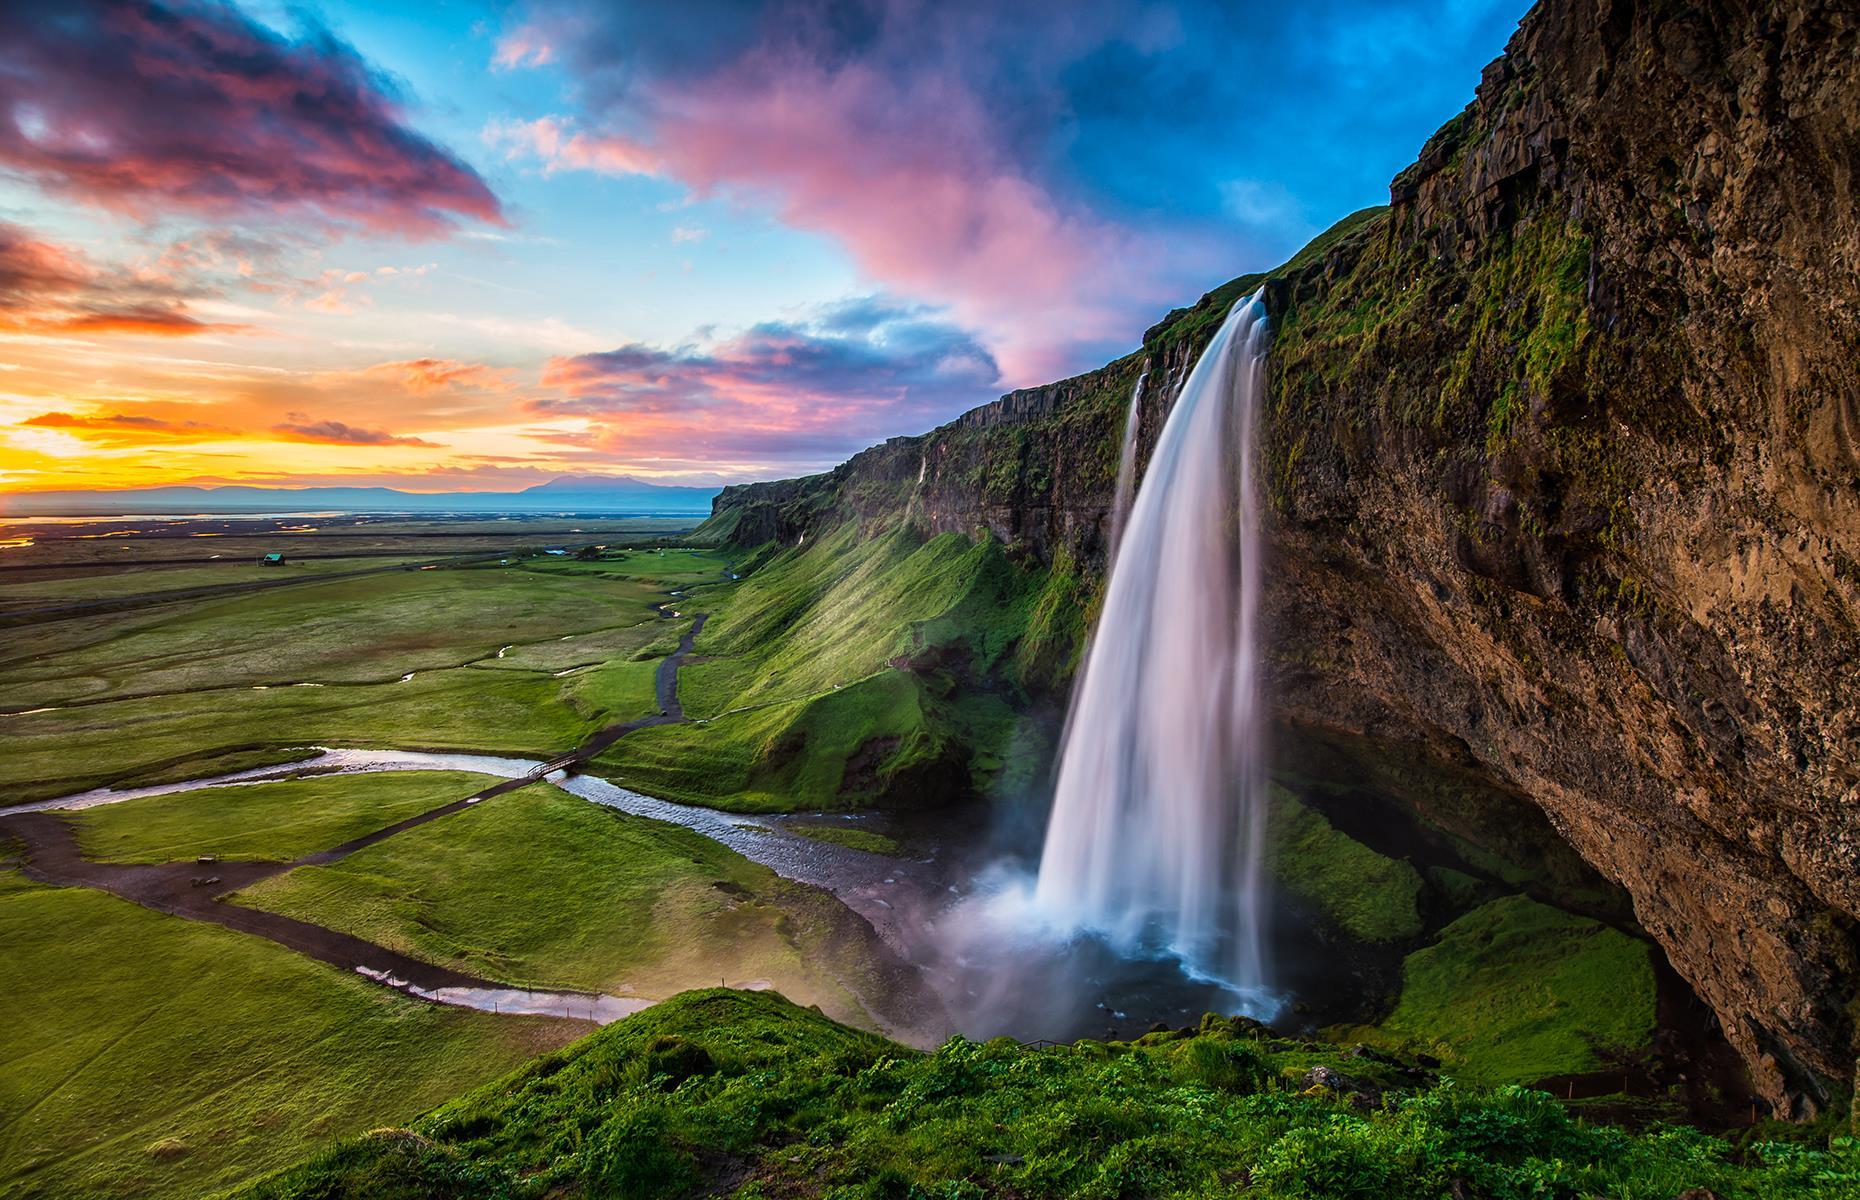 Hình ảnh thác nước đẹp, hấp dẫn nhất